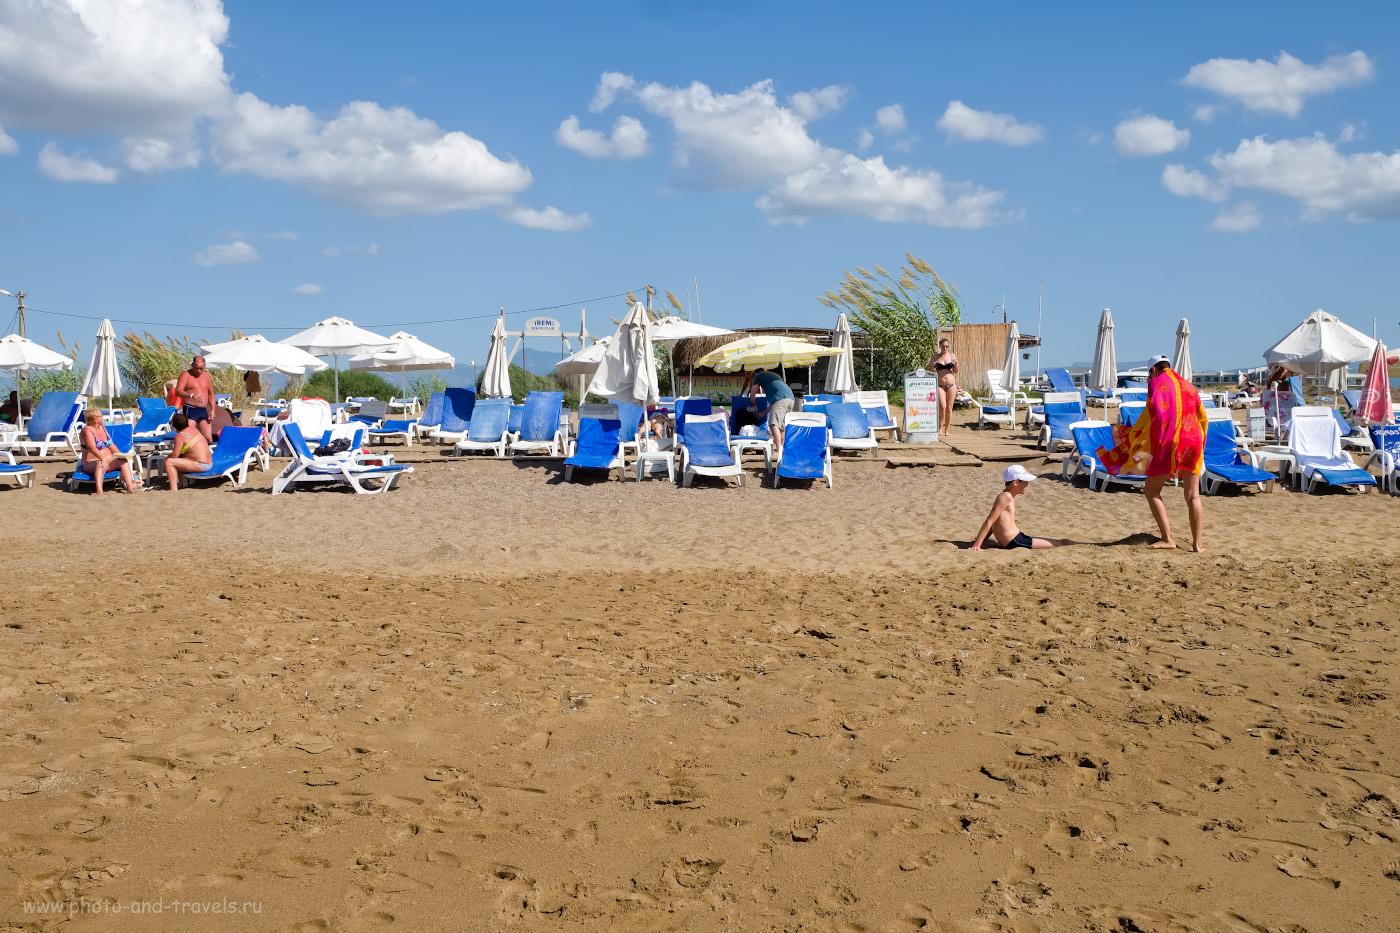 13. Так выглядит пляжный клуб отеля Irem Garden Apartments на Восточном пляже Сиде. 1/750, 8.0, 200, 22.